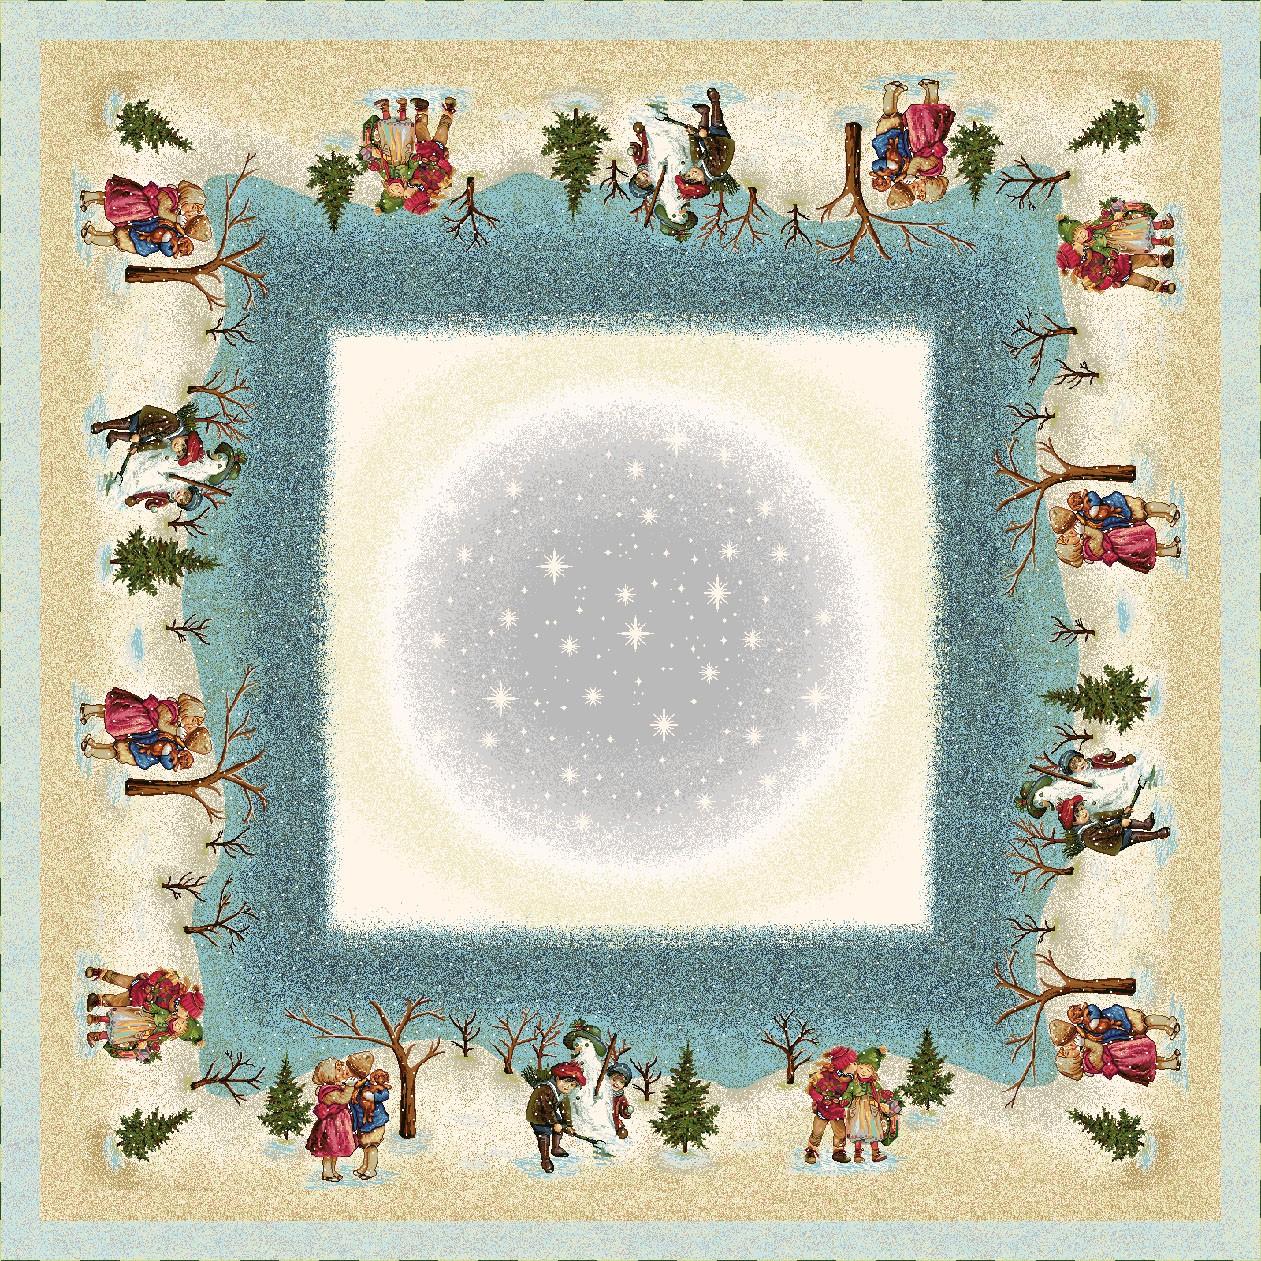 Χριστουγεννιάτικο Τραπεζομάντηλο 140x140 Vassiliadis Valen Kiss